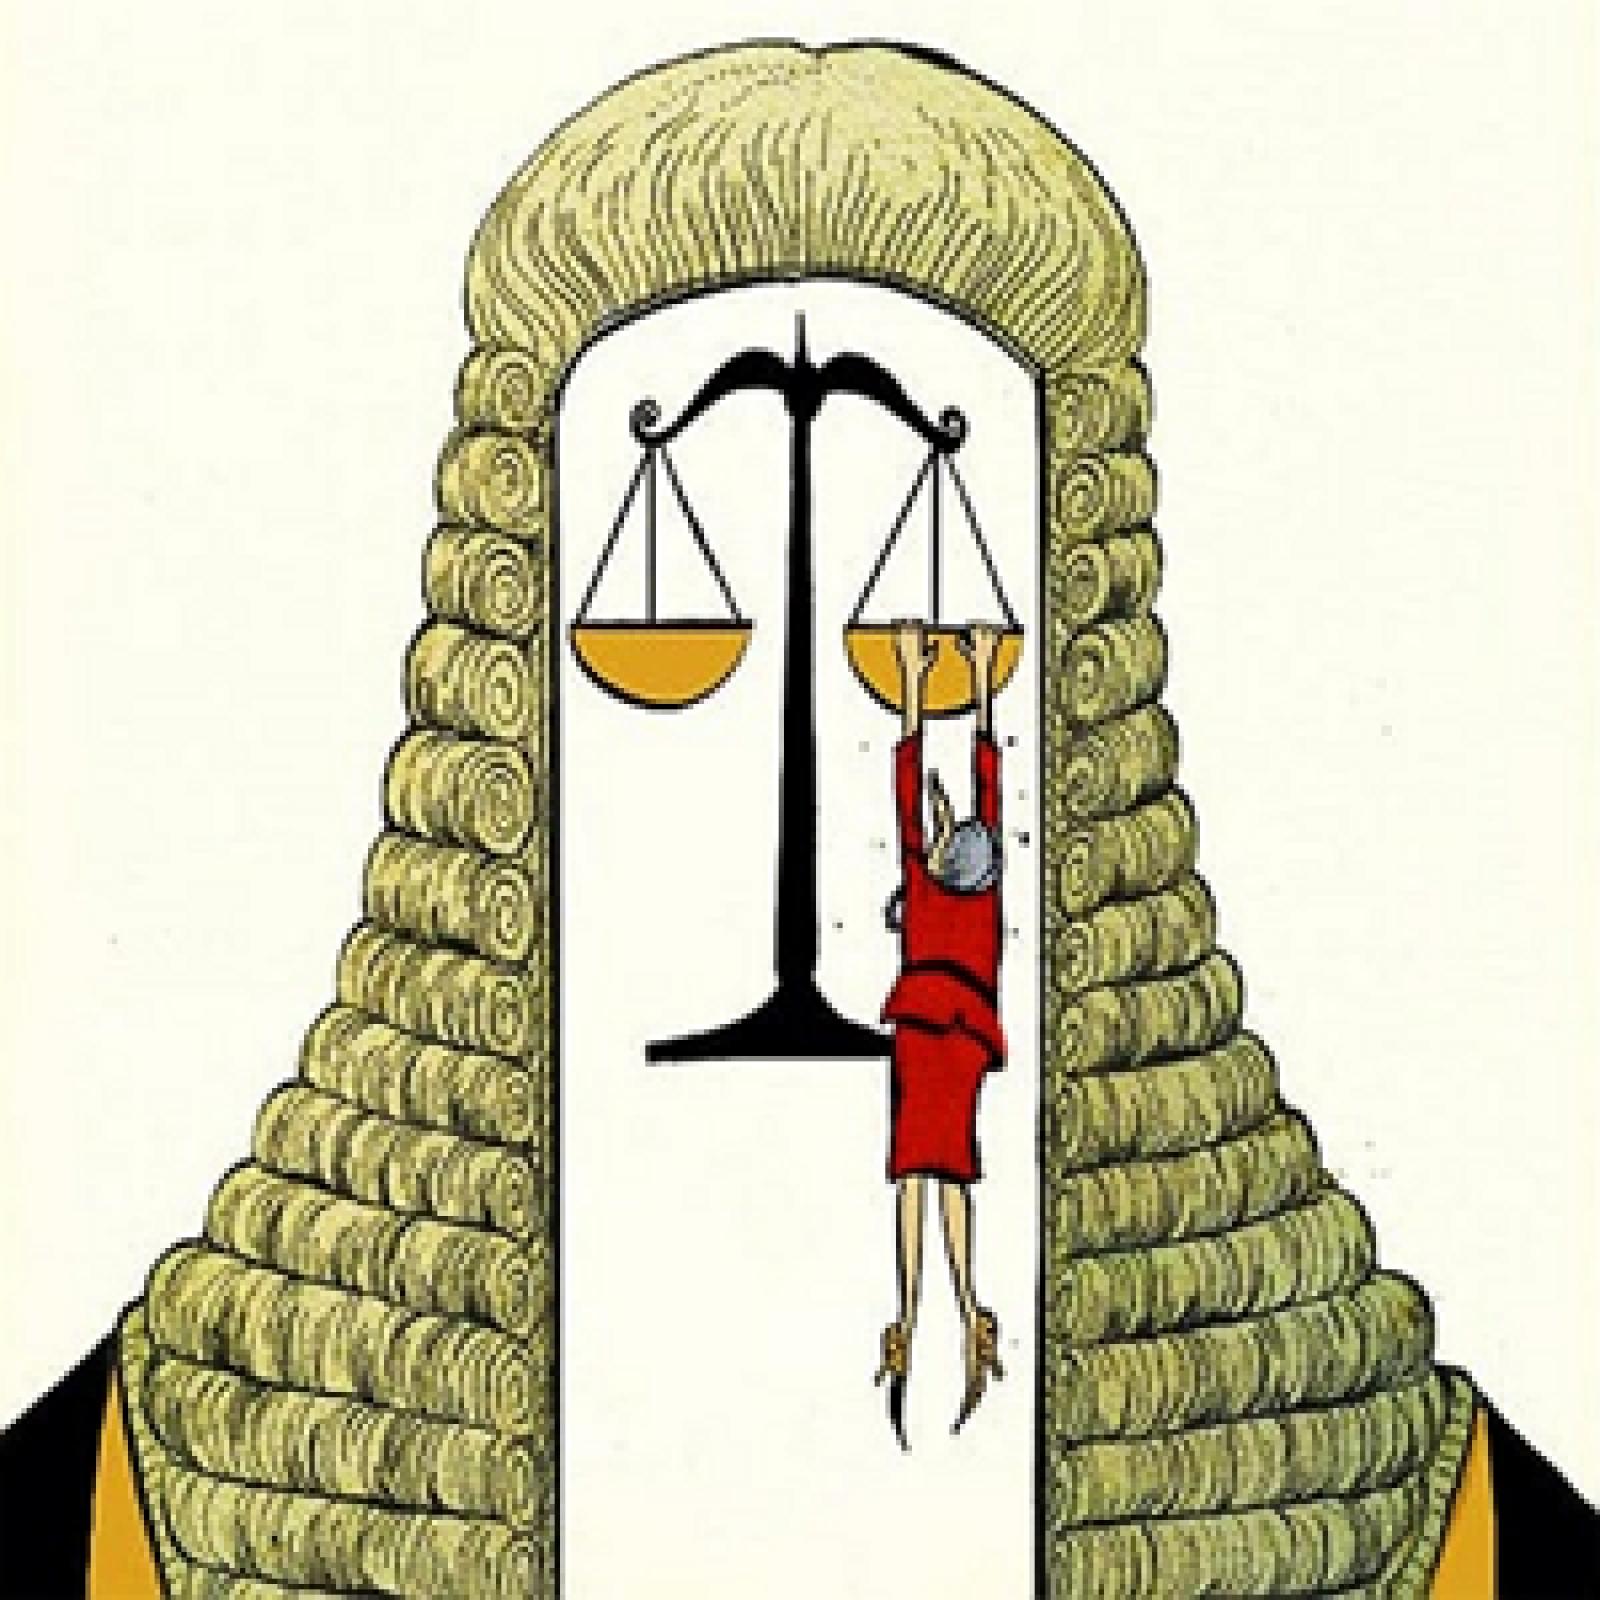 Erronea autentica delle firme sull'accordo di separazione coniugi raggiunto con negoziazione assistita: notaio subisce procedimento disciplinare